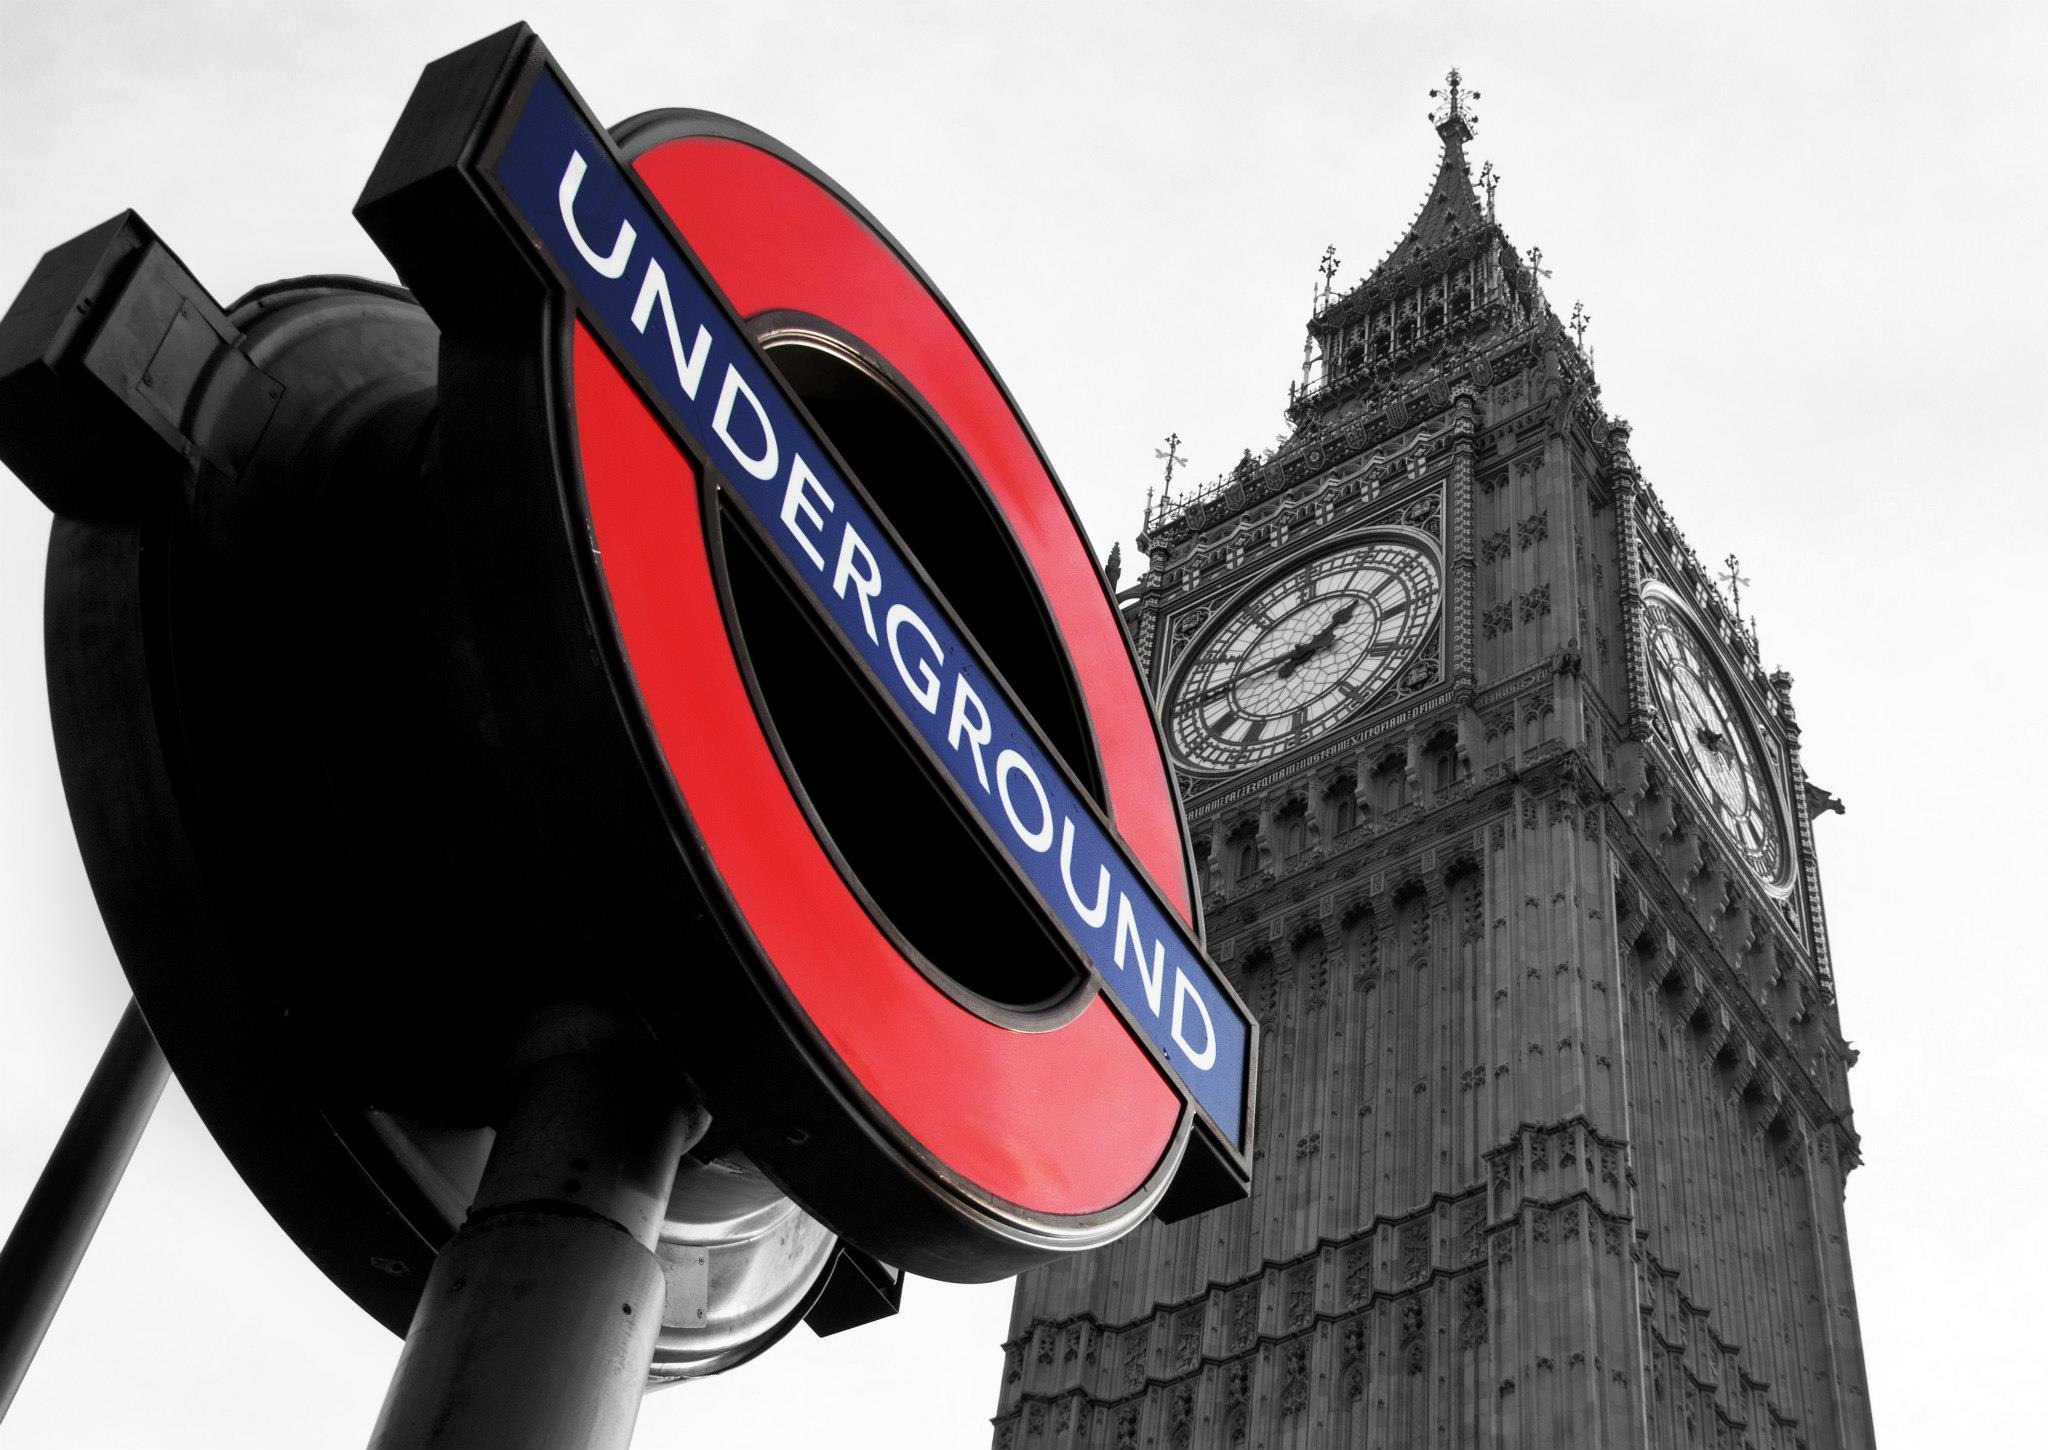 London Underground & Big Ben